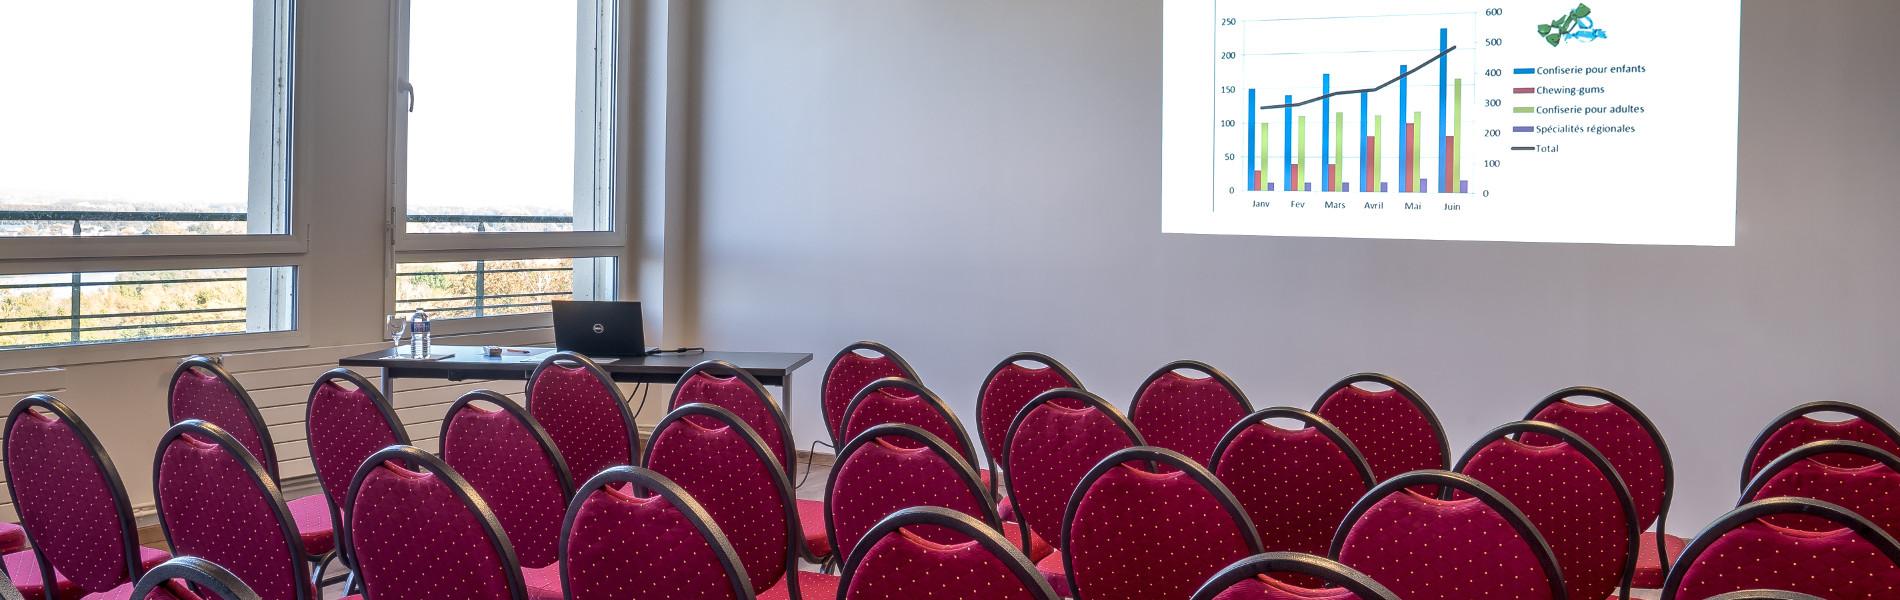 Salle Balcon sur Loire